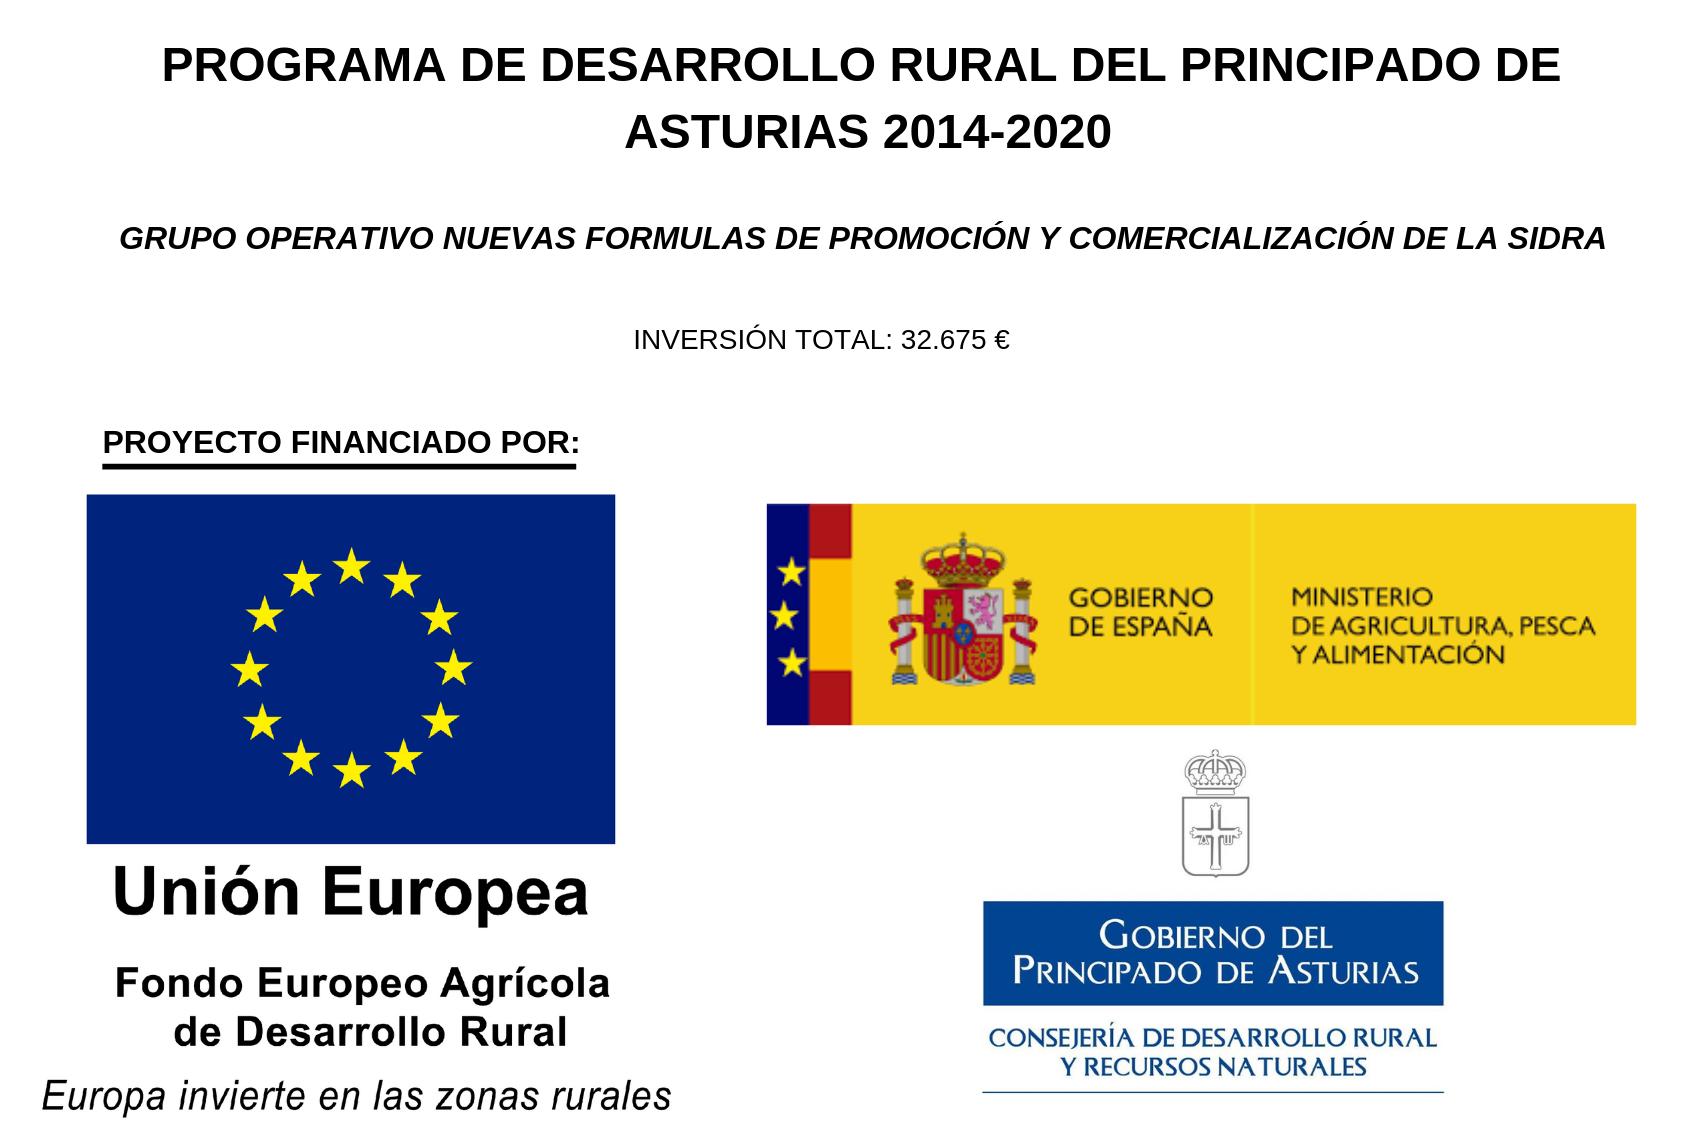 Cartel informativo Grupo Operativo Nuevas formas de comercializacion de la sidra